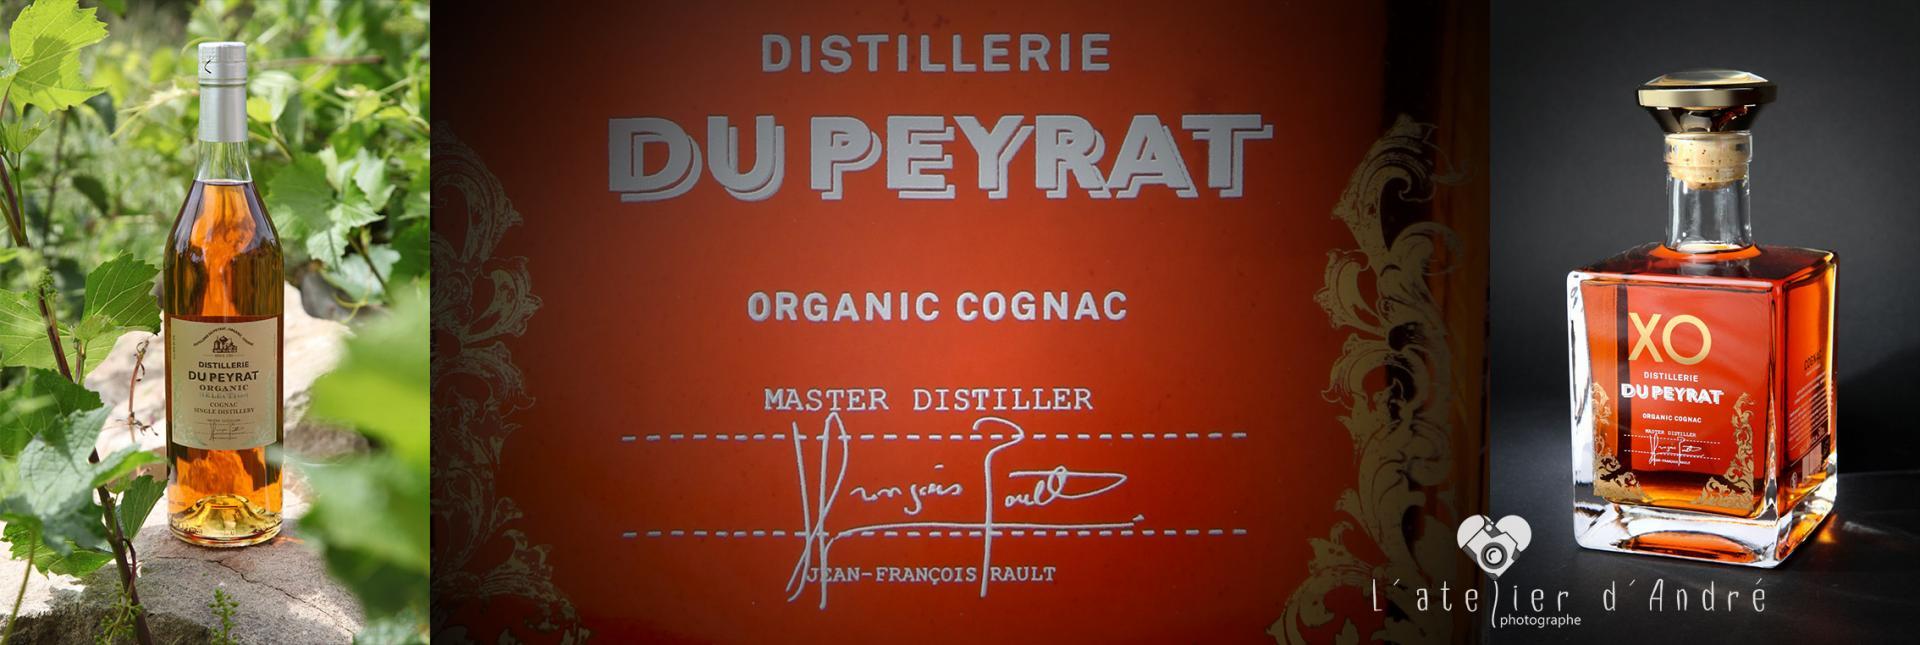 Bouteille de Cognac Distillerie du Peyrat